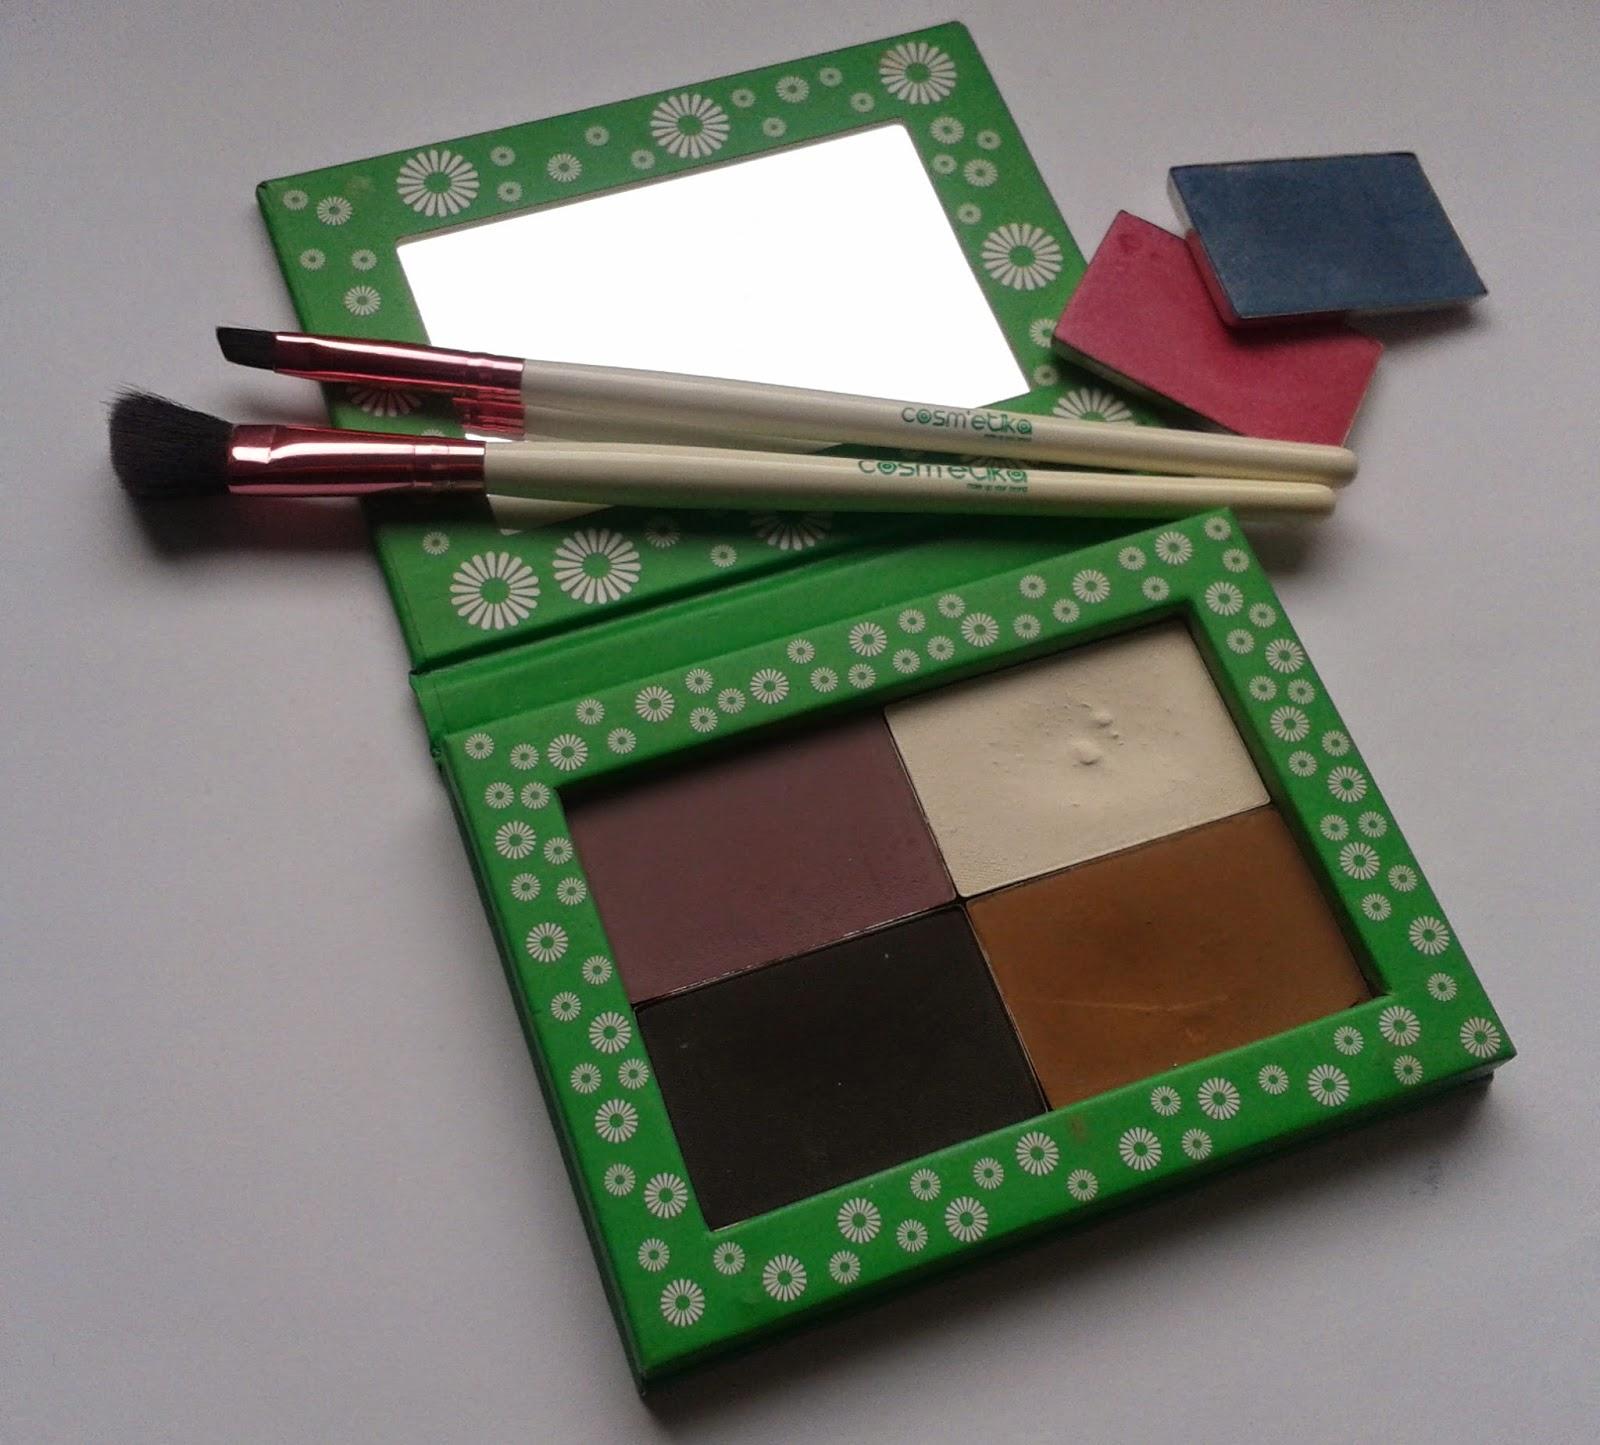 Magnetická paletka – eco-friendly domeček pro vaši dekorativku